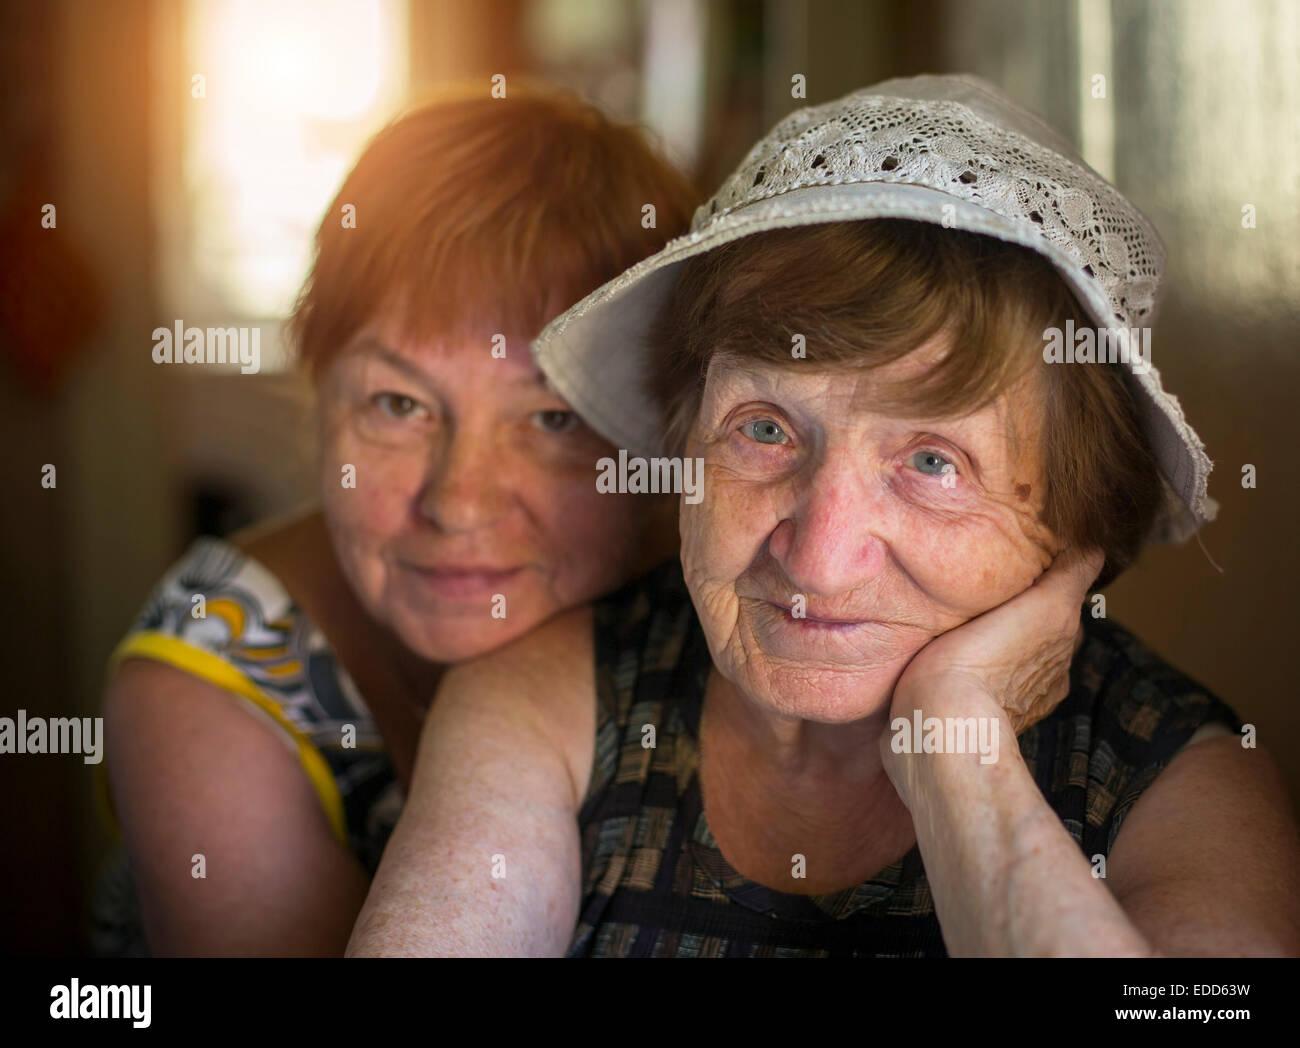 Retrato de mujer vieja y abrazando a su hija en el fondo de la casa. Imagen De Stock